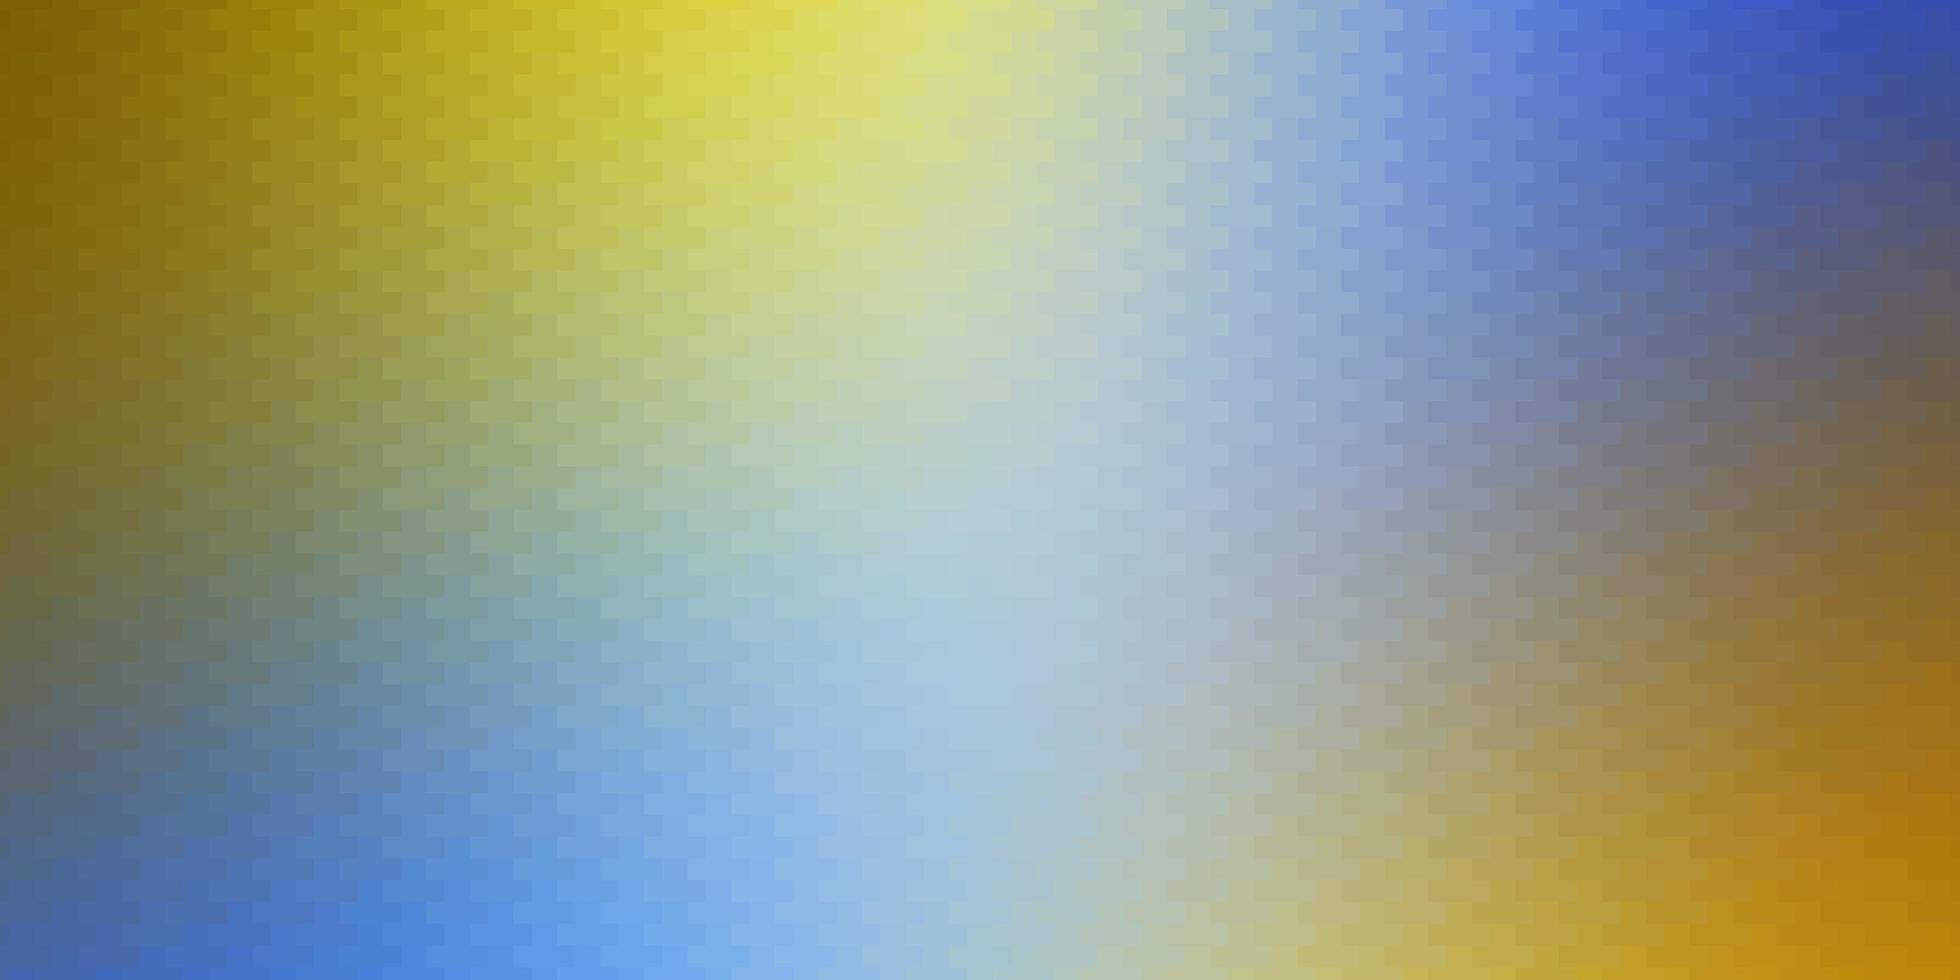 lichtblauwe, gele achtergrond met rechthoeken. vector